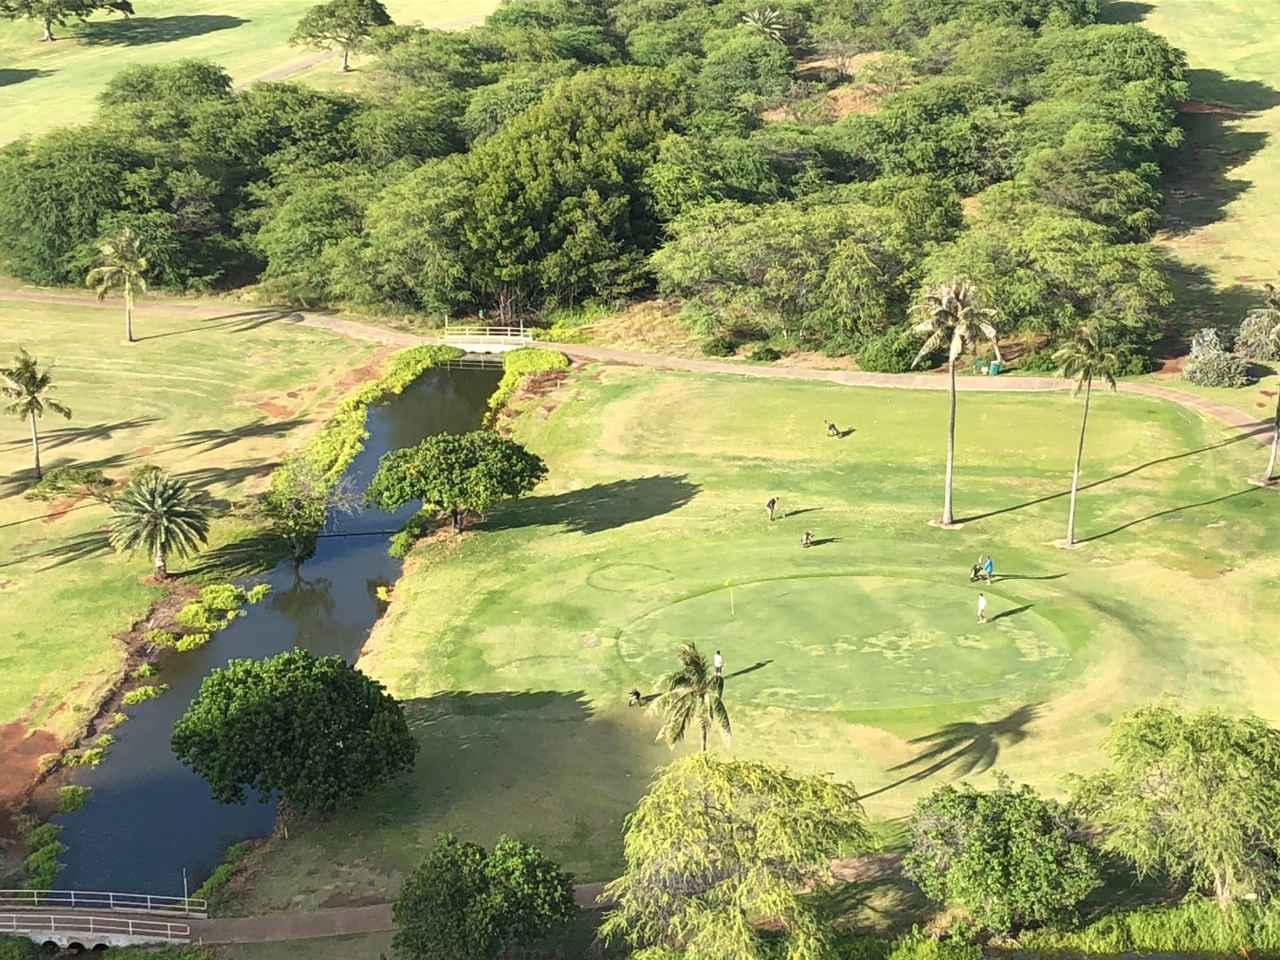 画像: 約1か月半ぶりにオープンしたゴルフ場。プレイヤー間も距離を保っている様子です。